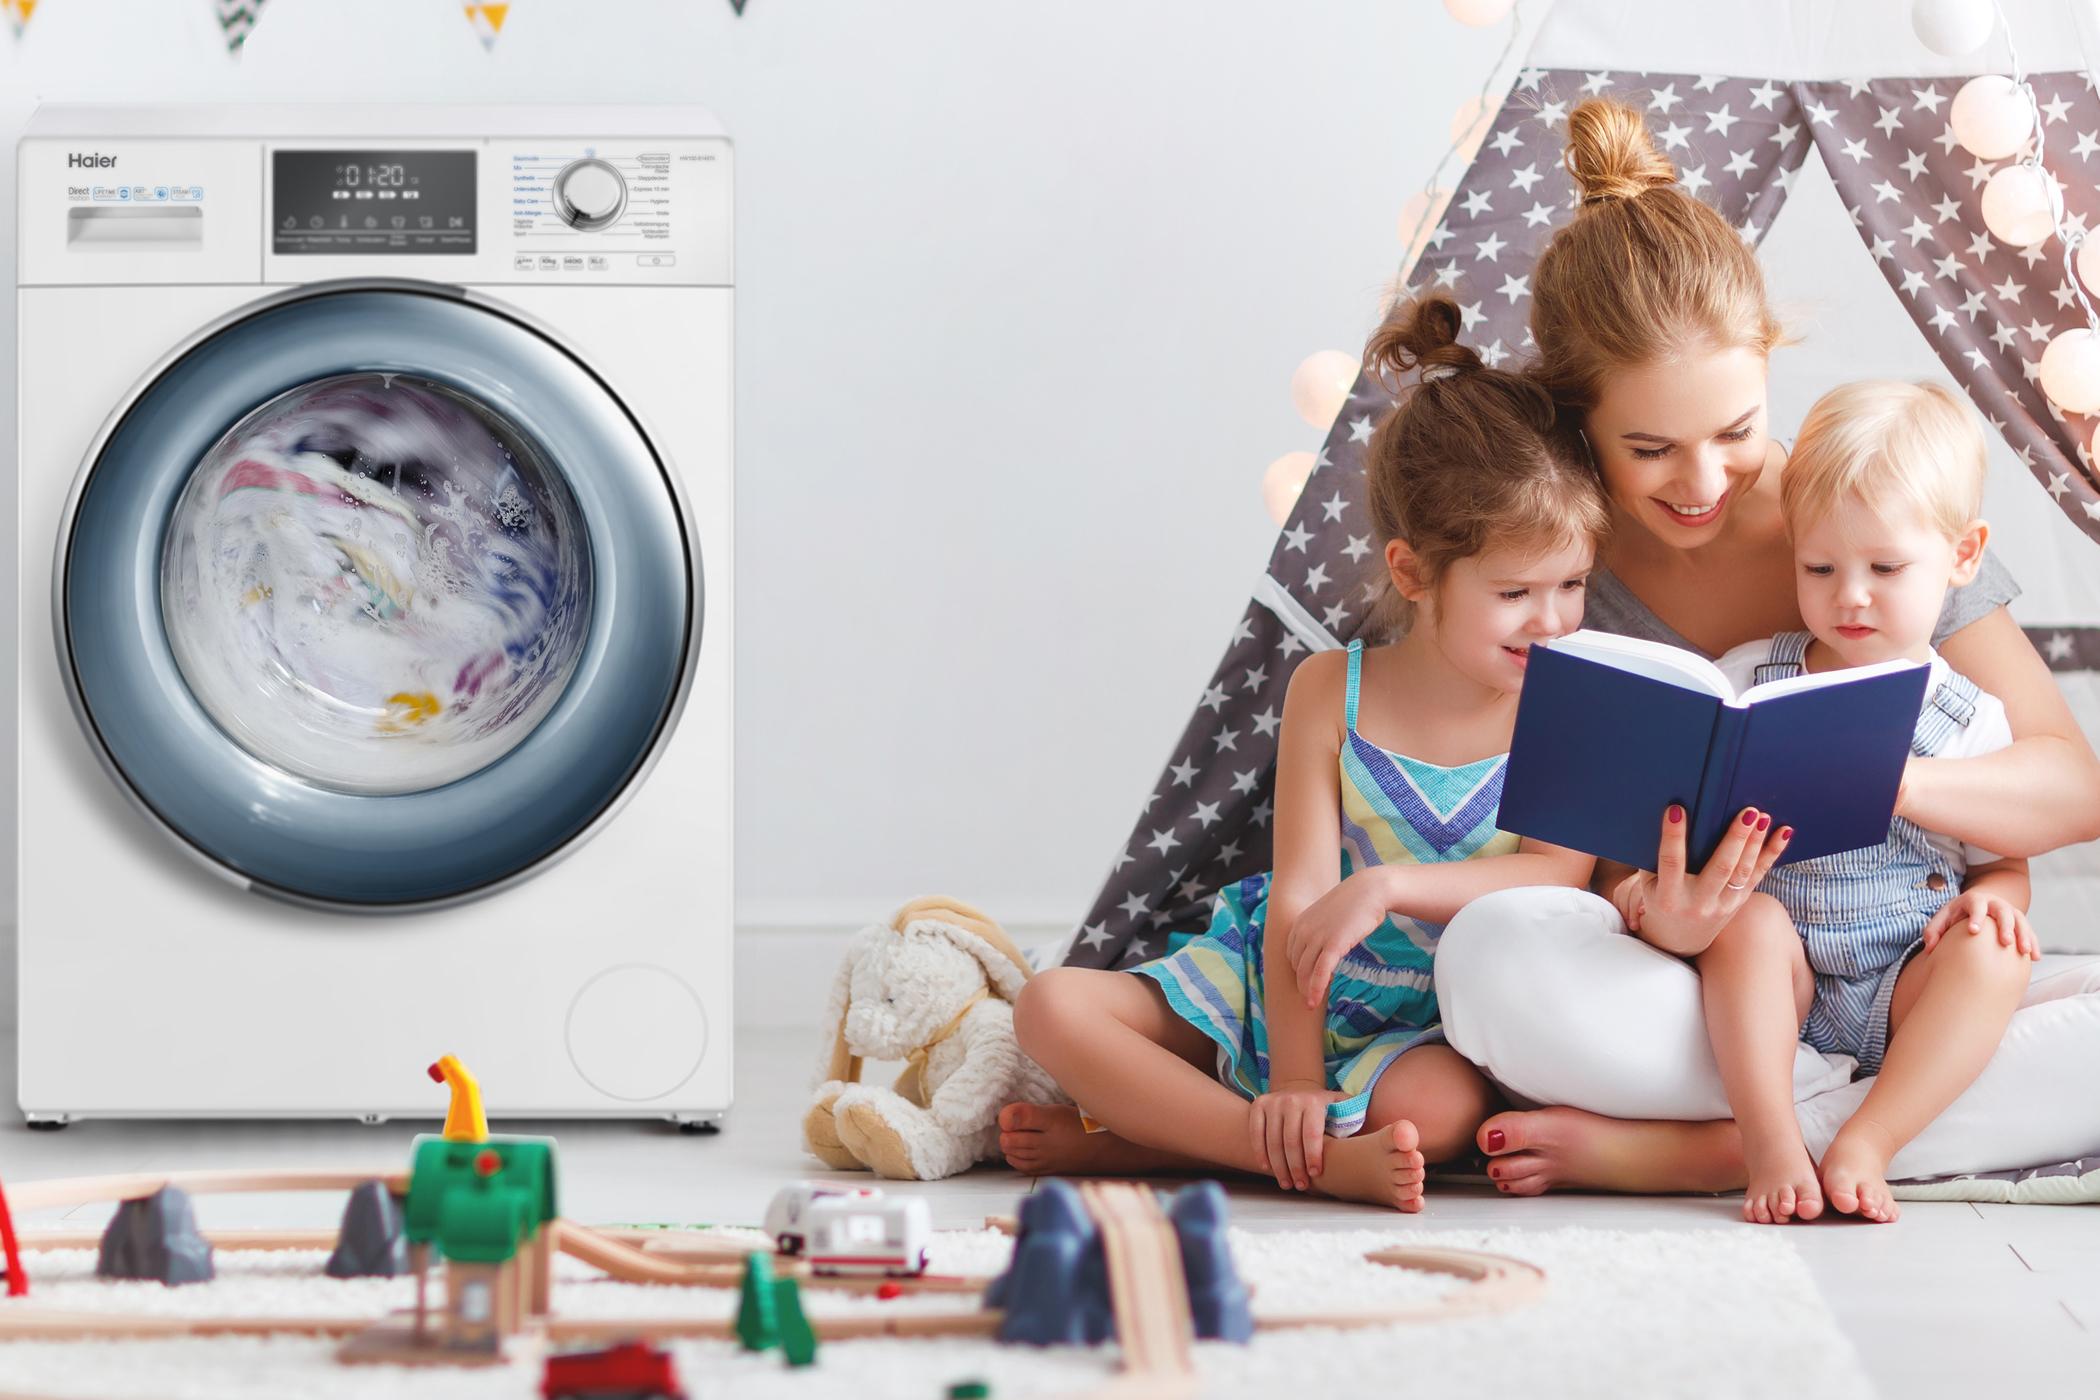 <h1>Haier Waschmaschine HW80-B14876</h1><h3 style='font-size: 20px; margin: 0px 0px 15px 0px;'> -Slim Size 46 cm Tiefe, 8 kg Fassungsvermögen</h3>